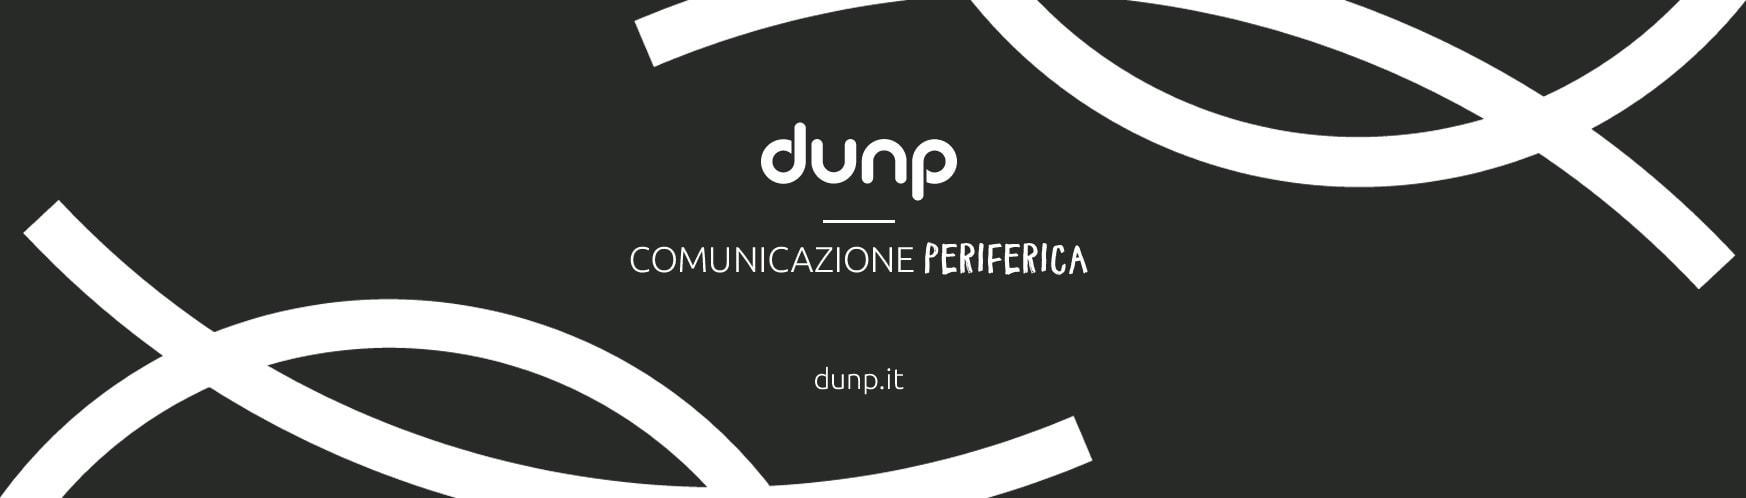 dunp - comunicazione periferica